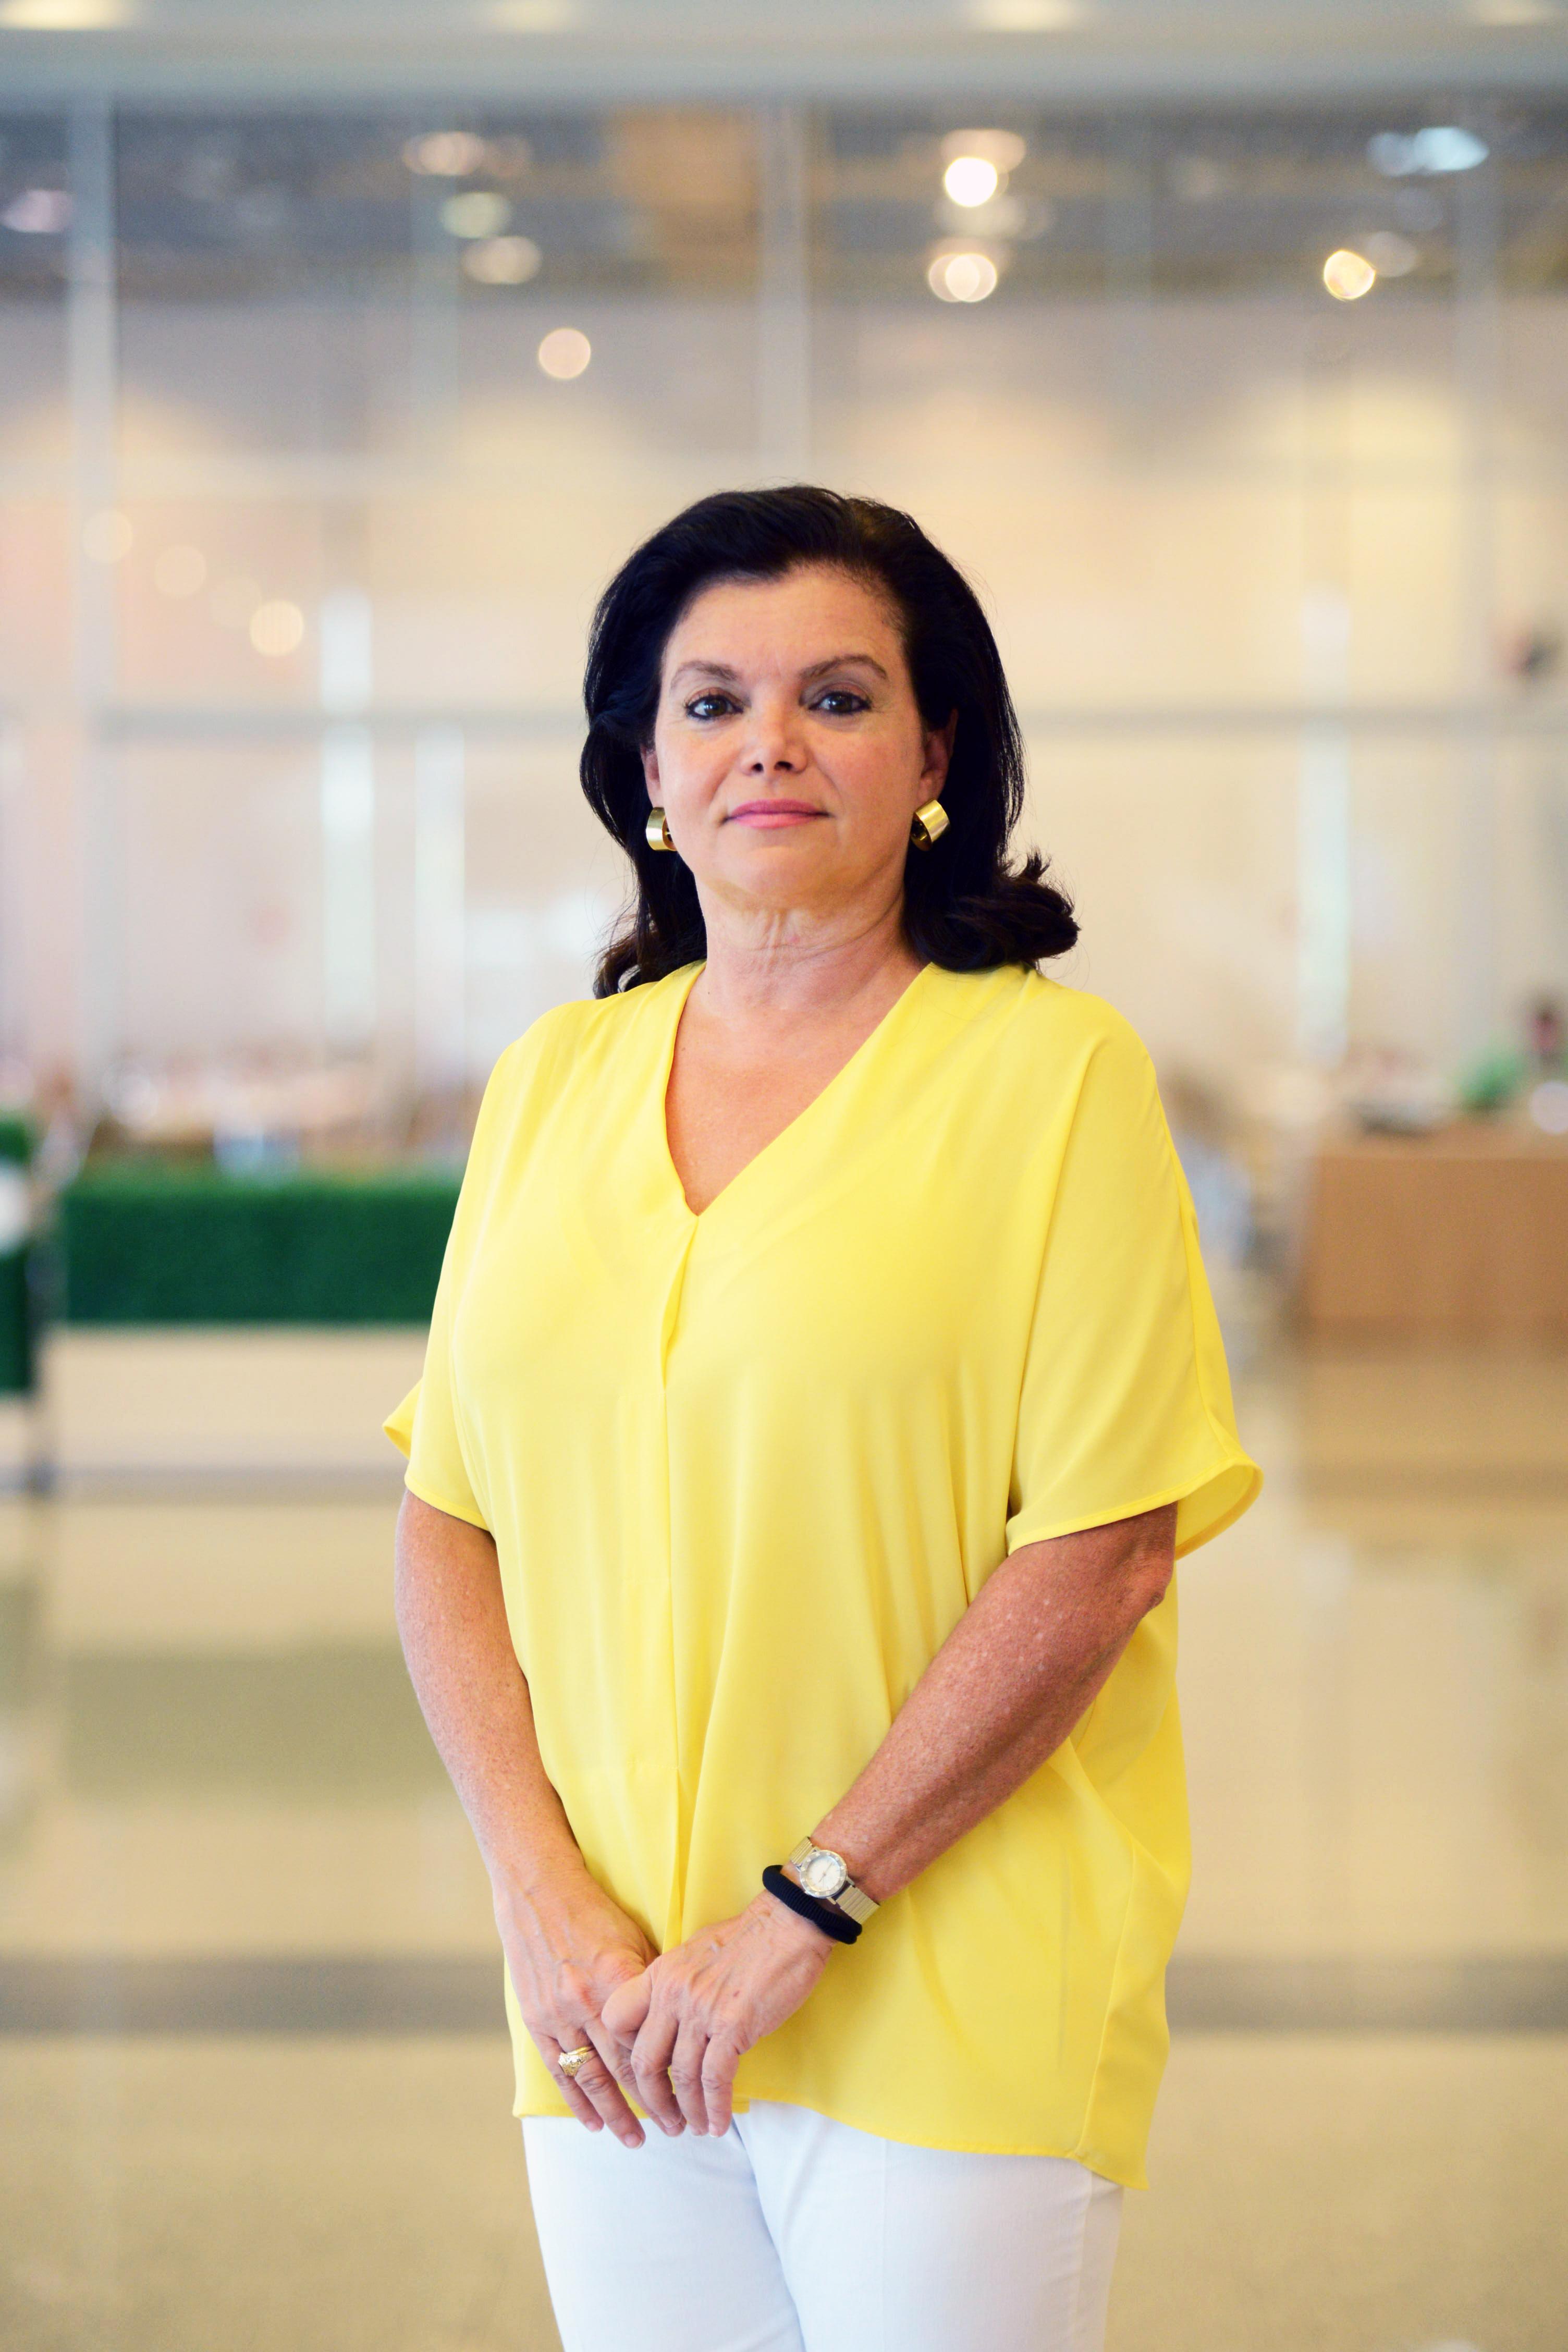 Dr. Carmen Pena